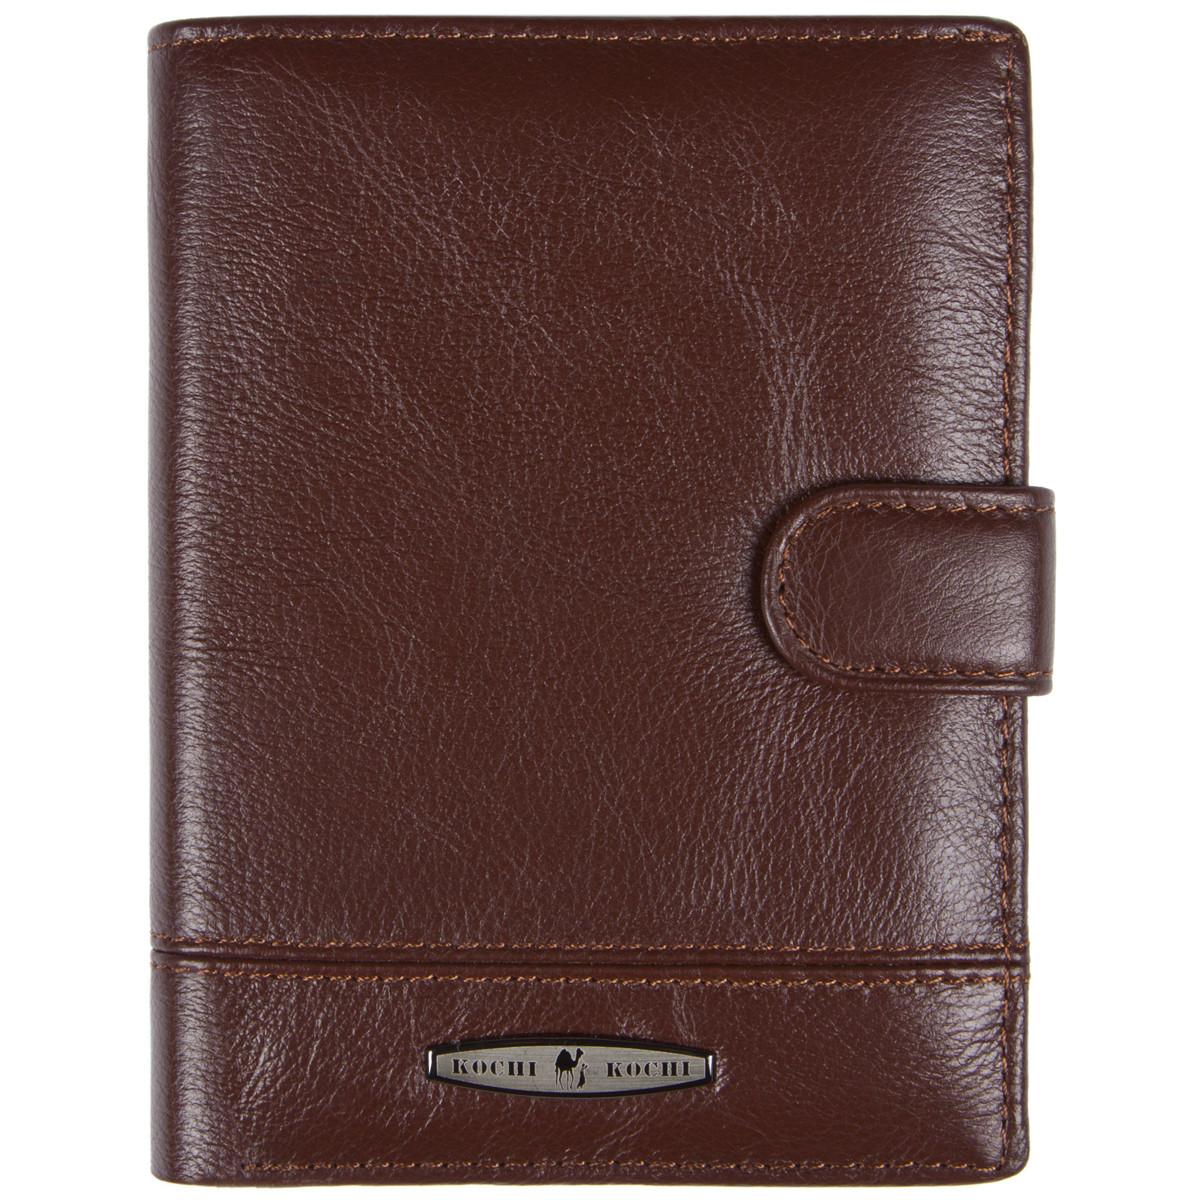 Бумажник кожаный мужской коричневый KOCHI  105х140х25 застёжка кнопка  м К265Д-12Н09к